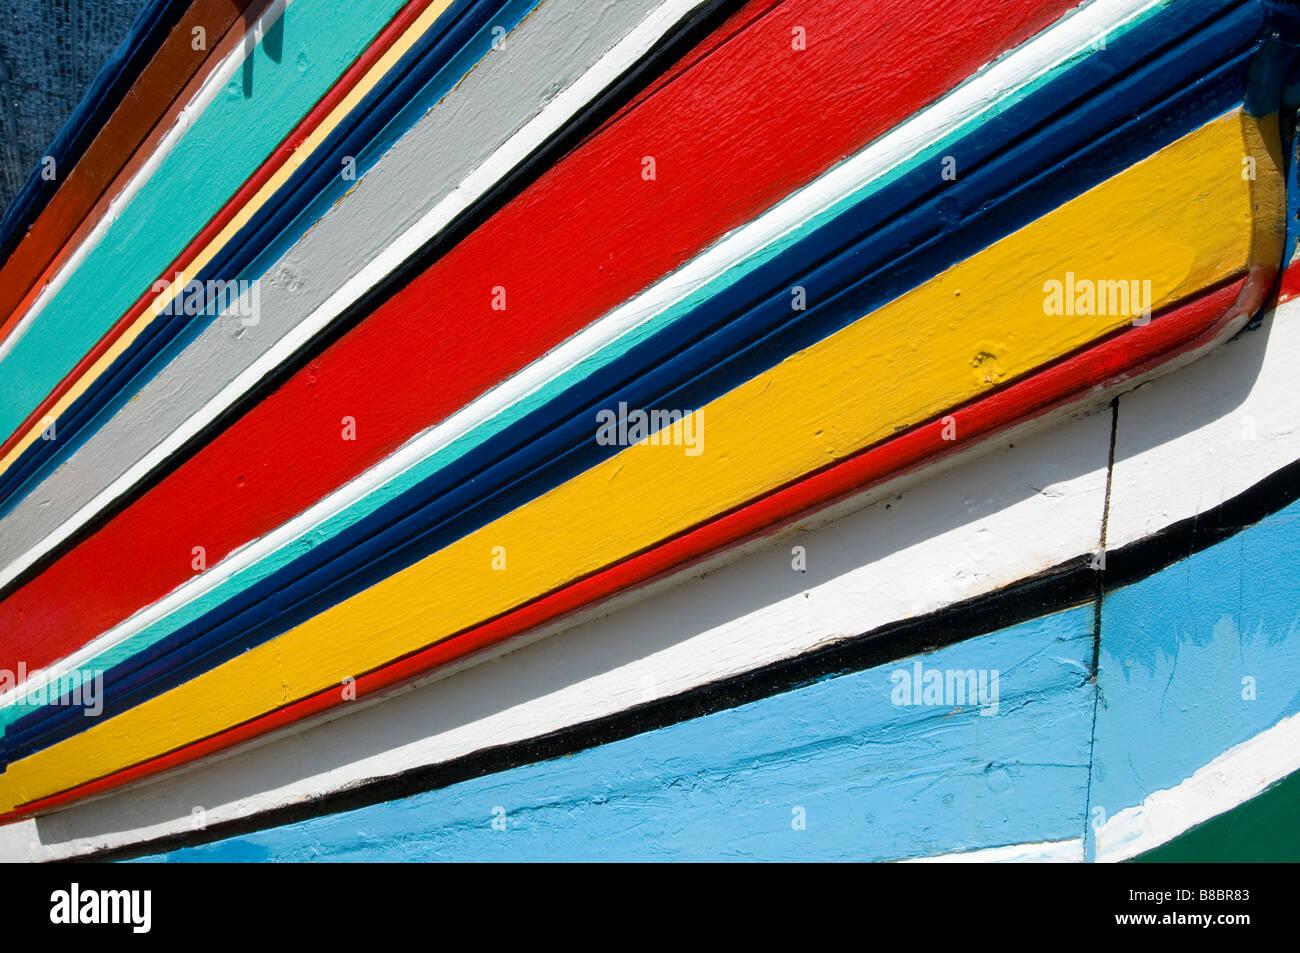 Bateaux de pêcheurs traditionnels colorés au Kelantan Malaisie ces bateaux en bois ont été faites Photo Stock